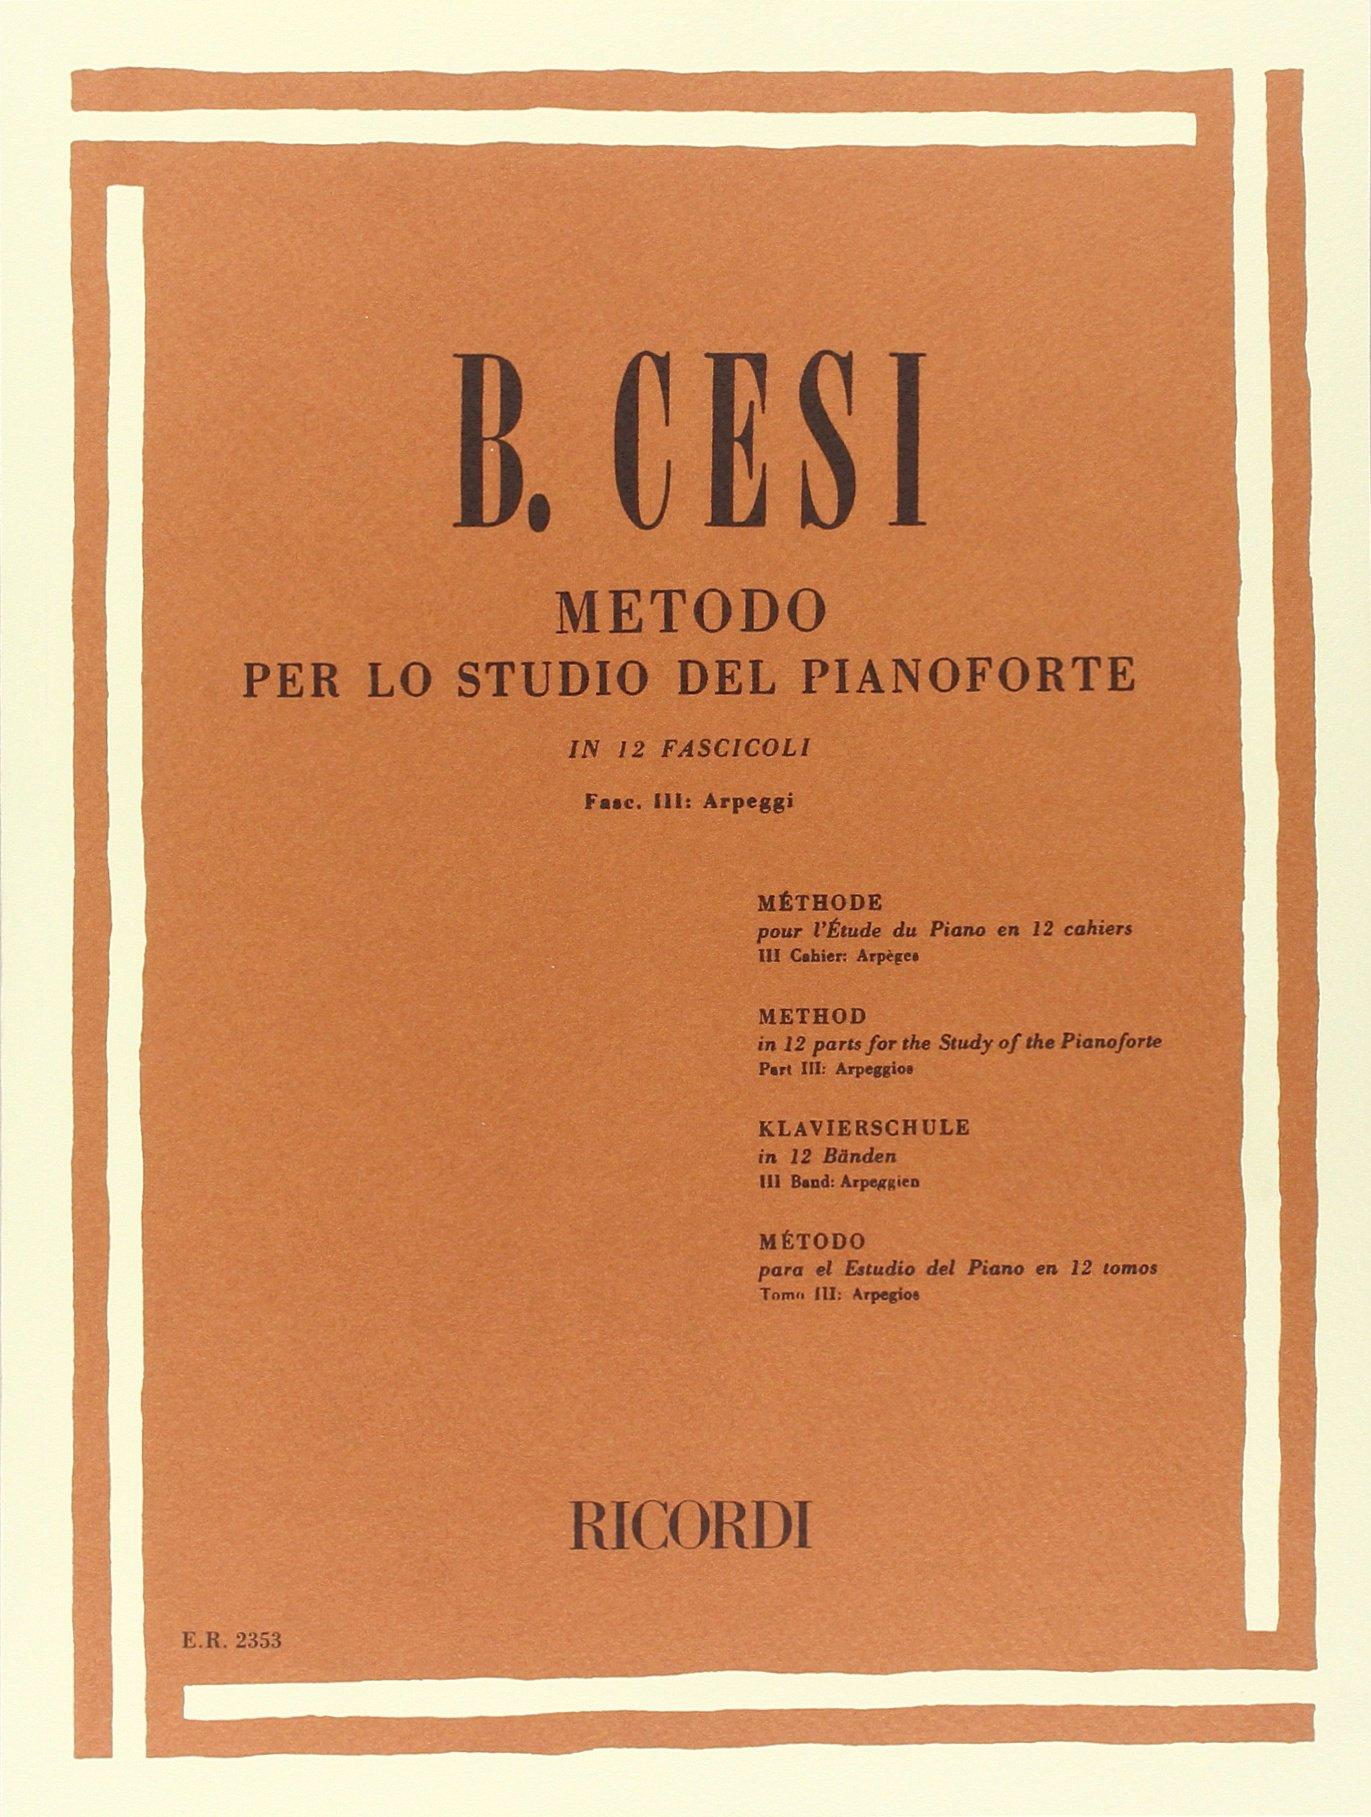 METODO PER LO STUDIO DEL PIANOFORTE - FASC. III (Francese) Copertina flessibile – 1 gen 1984 CESI B. Ricordi 0041823532 Musique